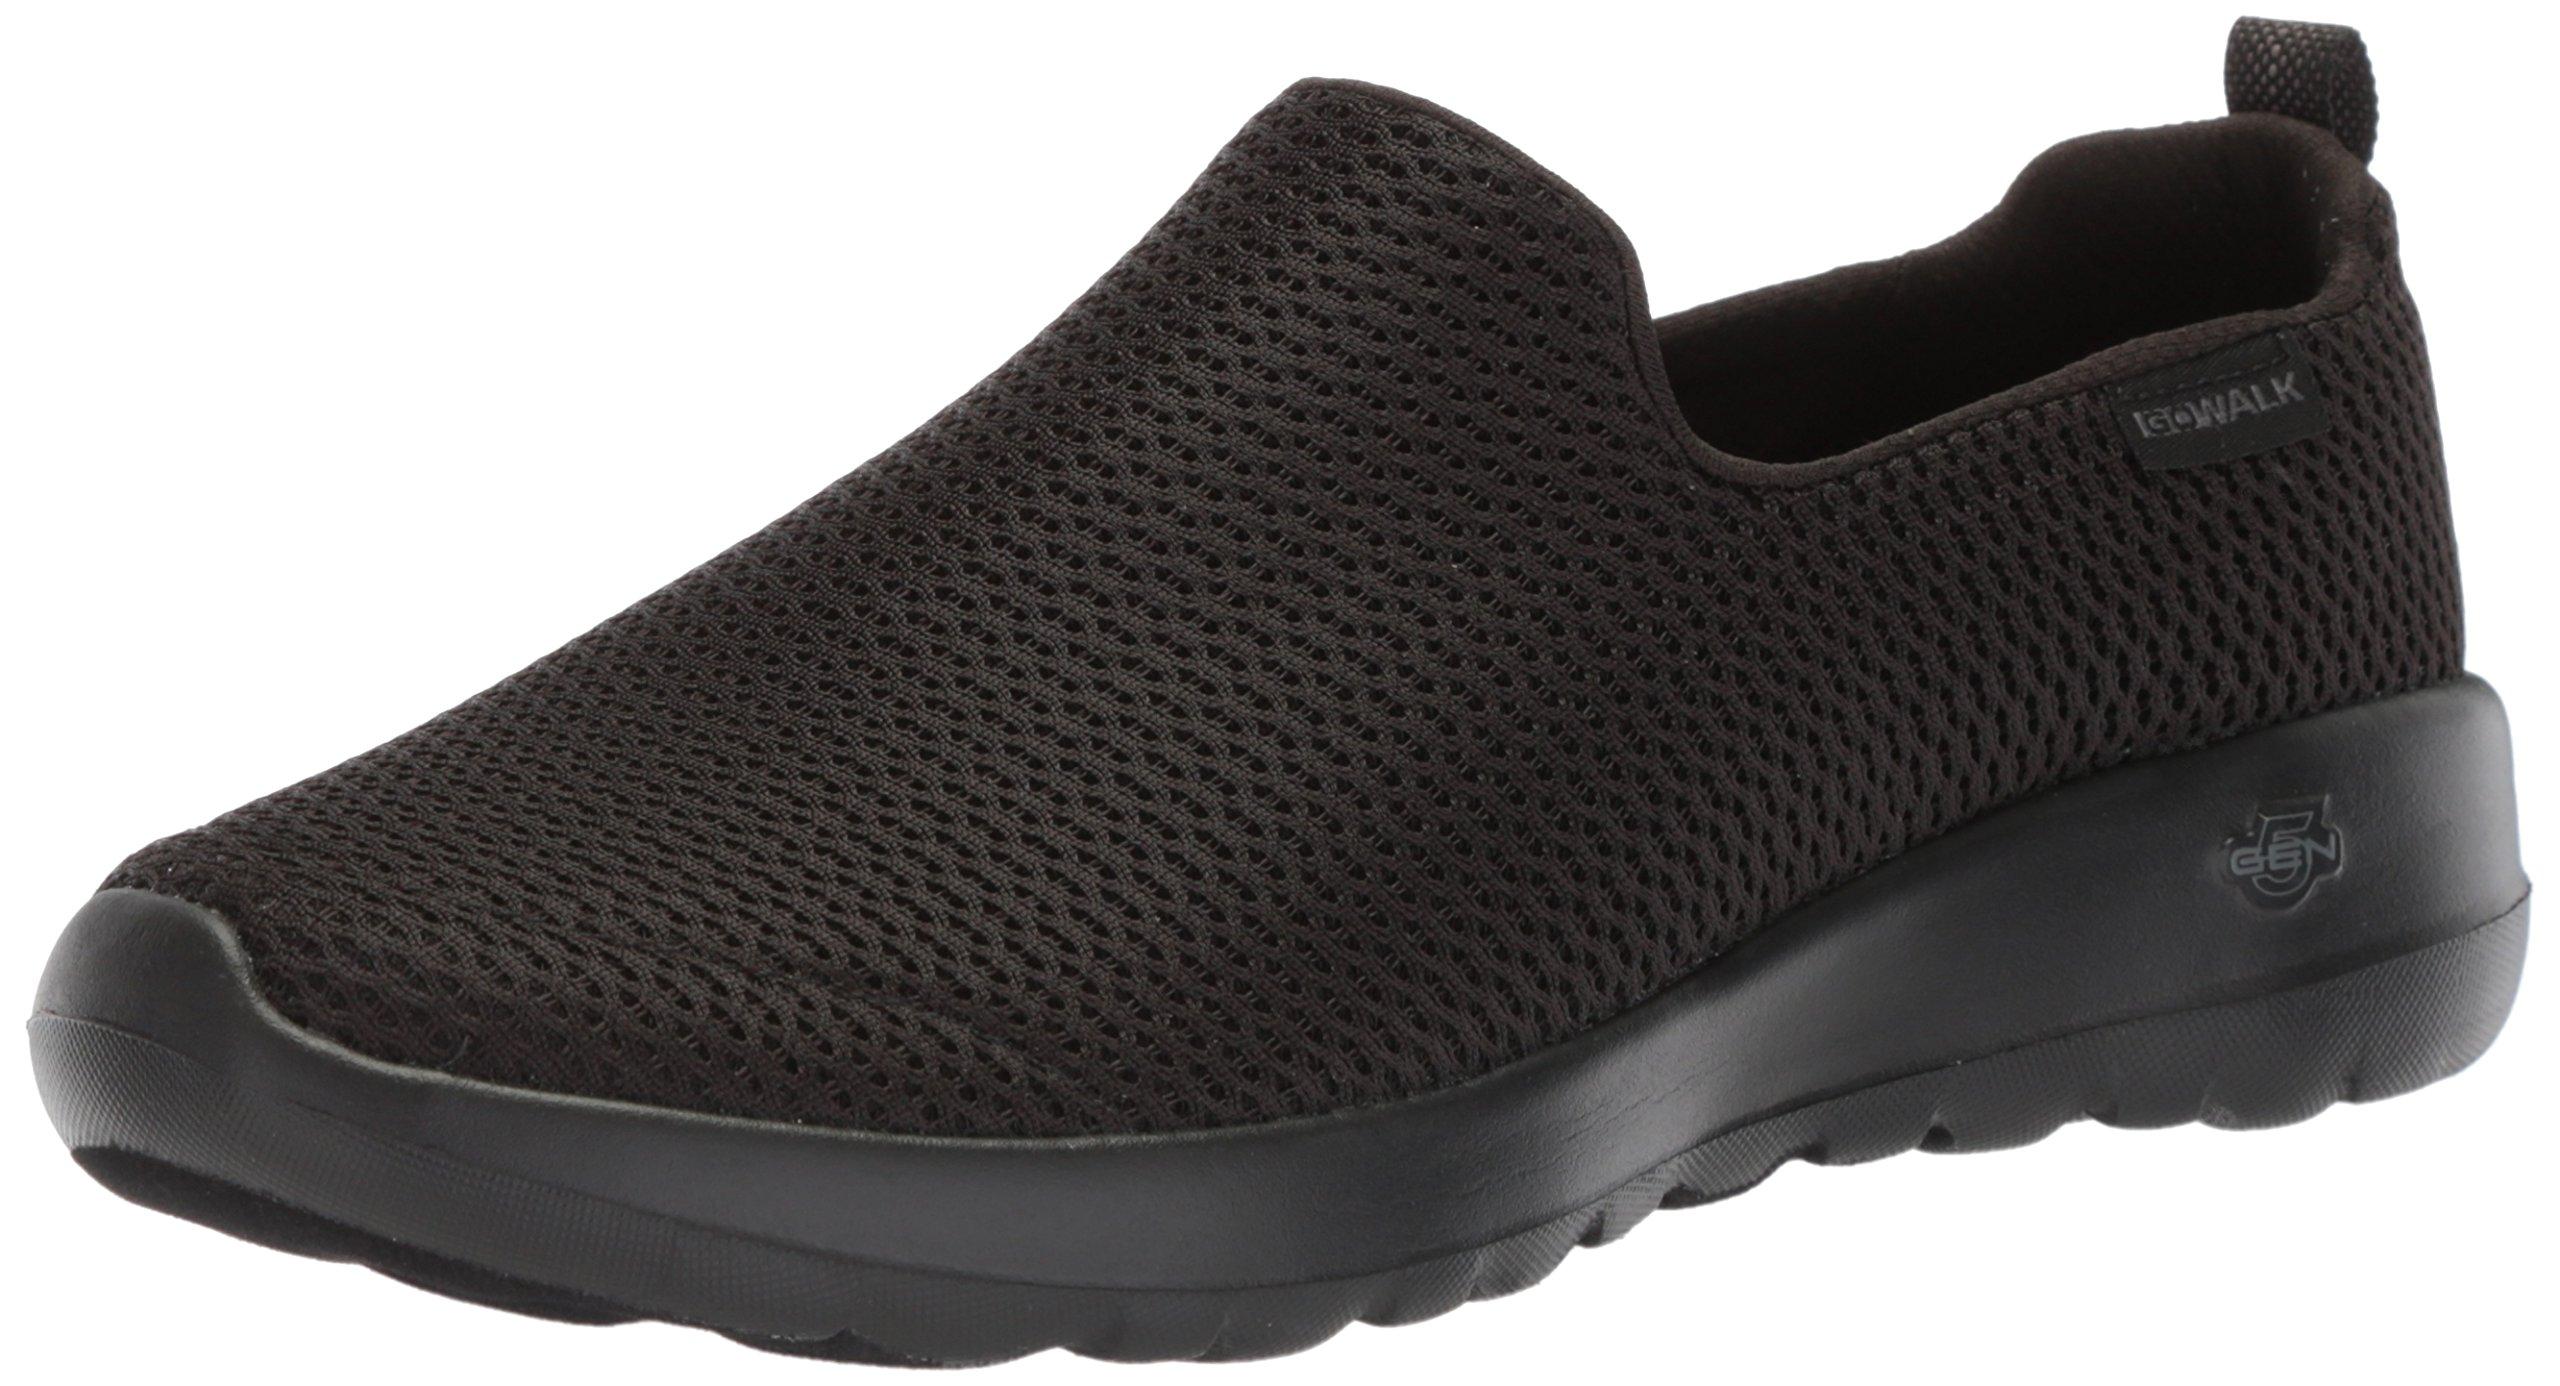 Skechers Performance Women's Go Walk Joy Walking Shoe,black,5 W US